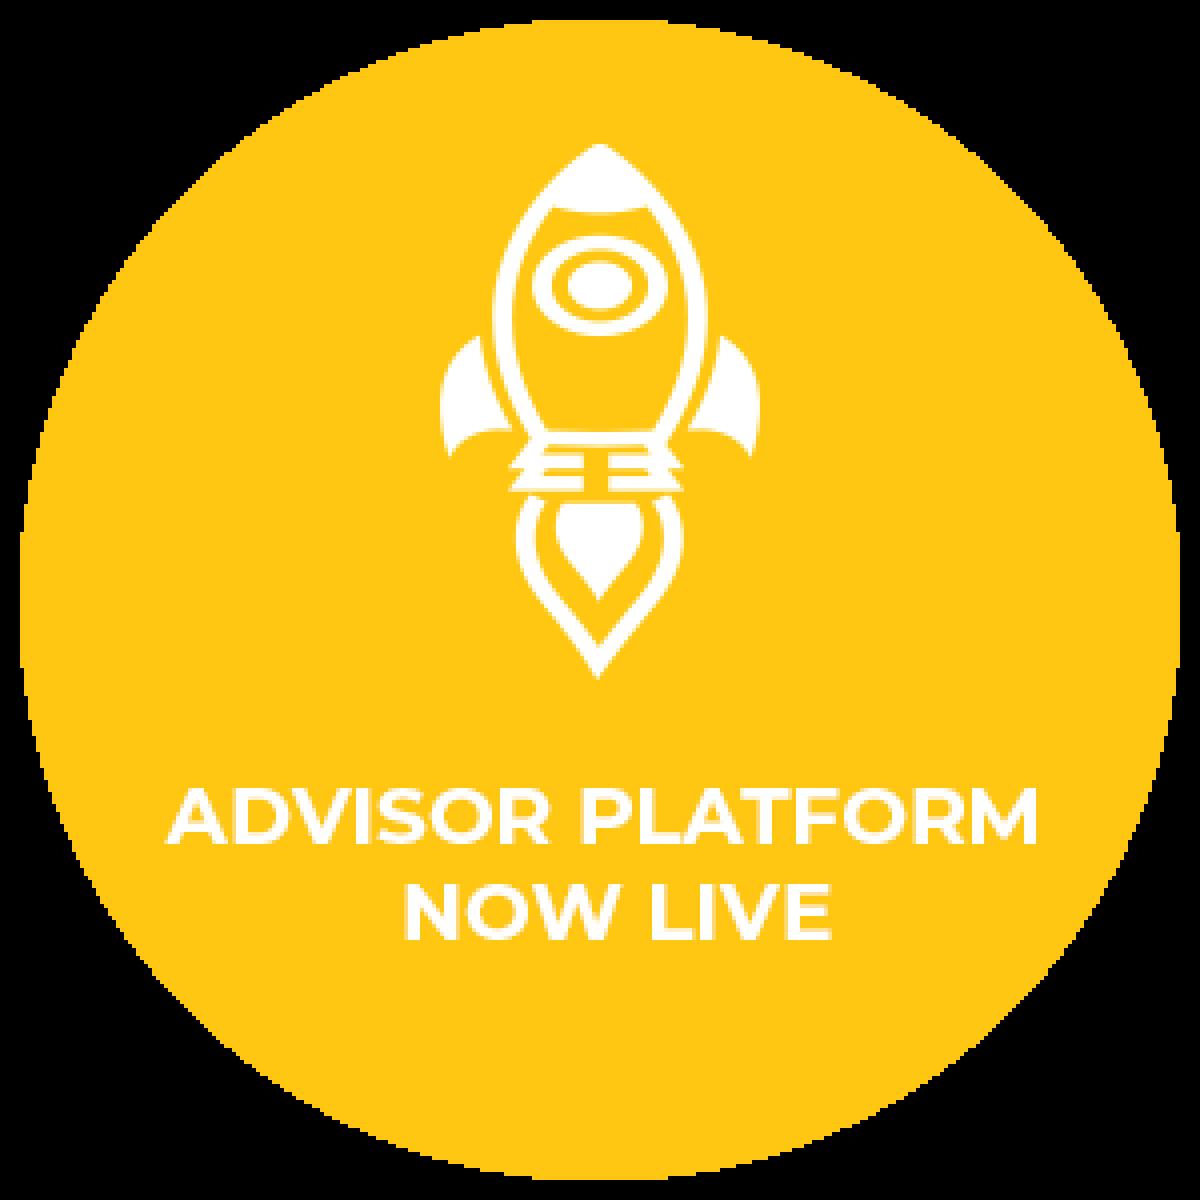 Advisor Platform now live